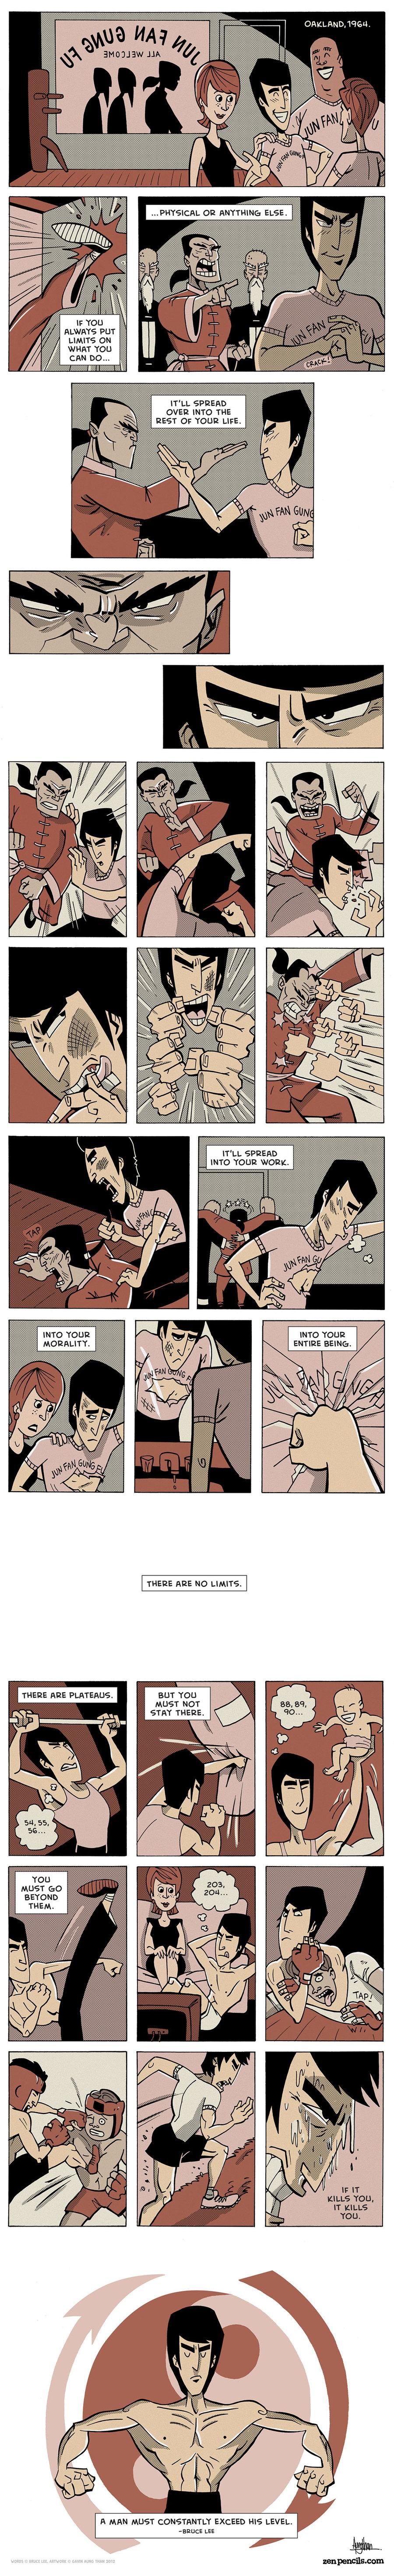 Zen Pencils for Apr 6, 2015 Comic Strip